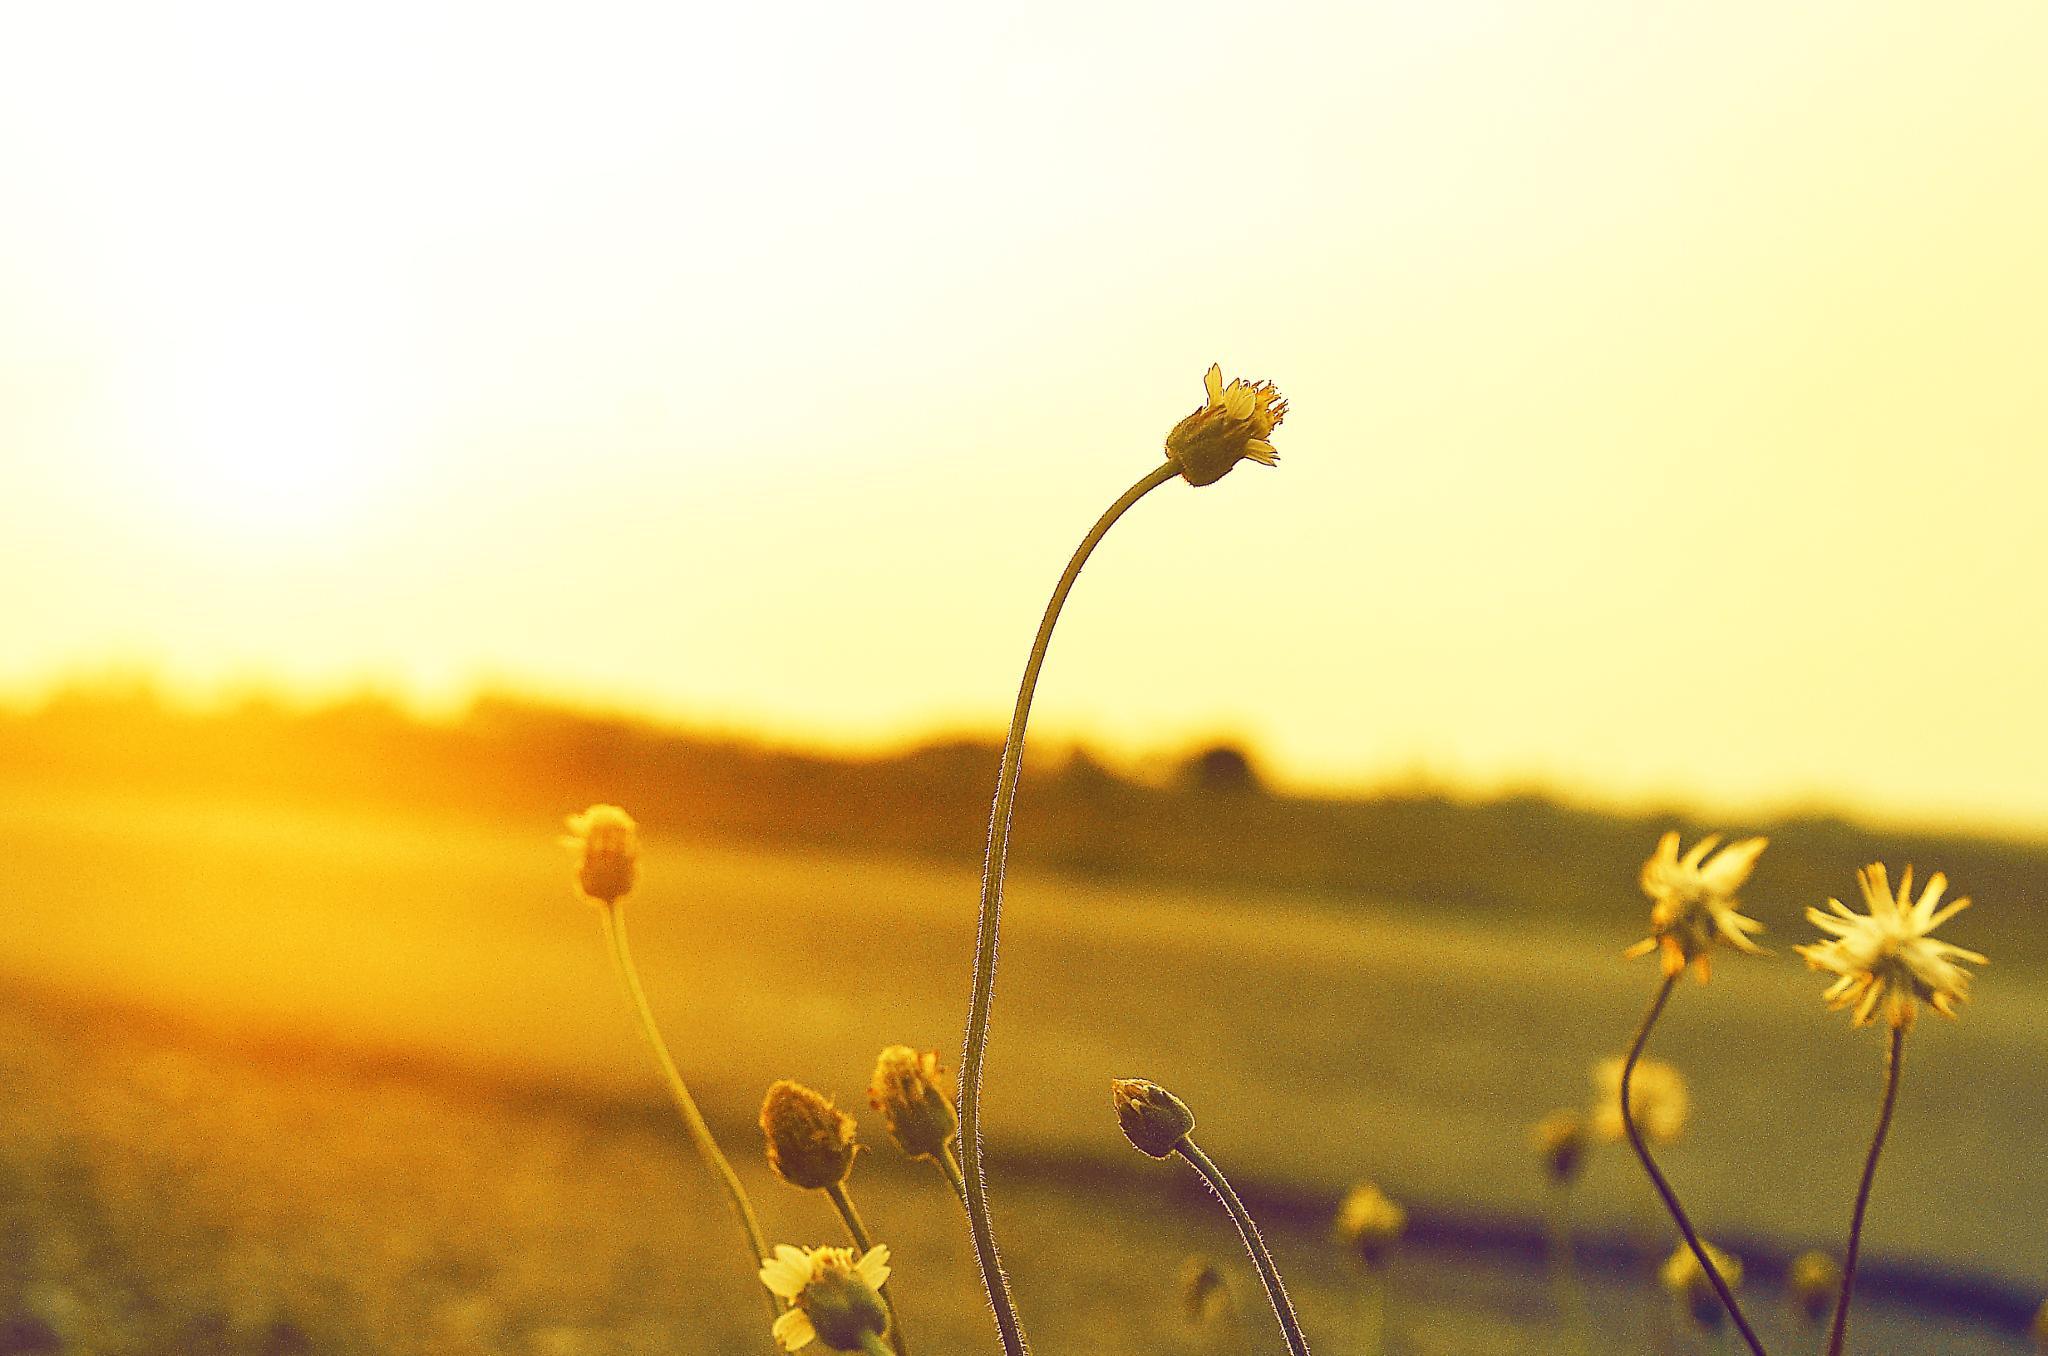 Sunset Moment by Wan Rexua